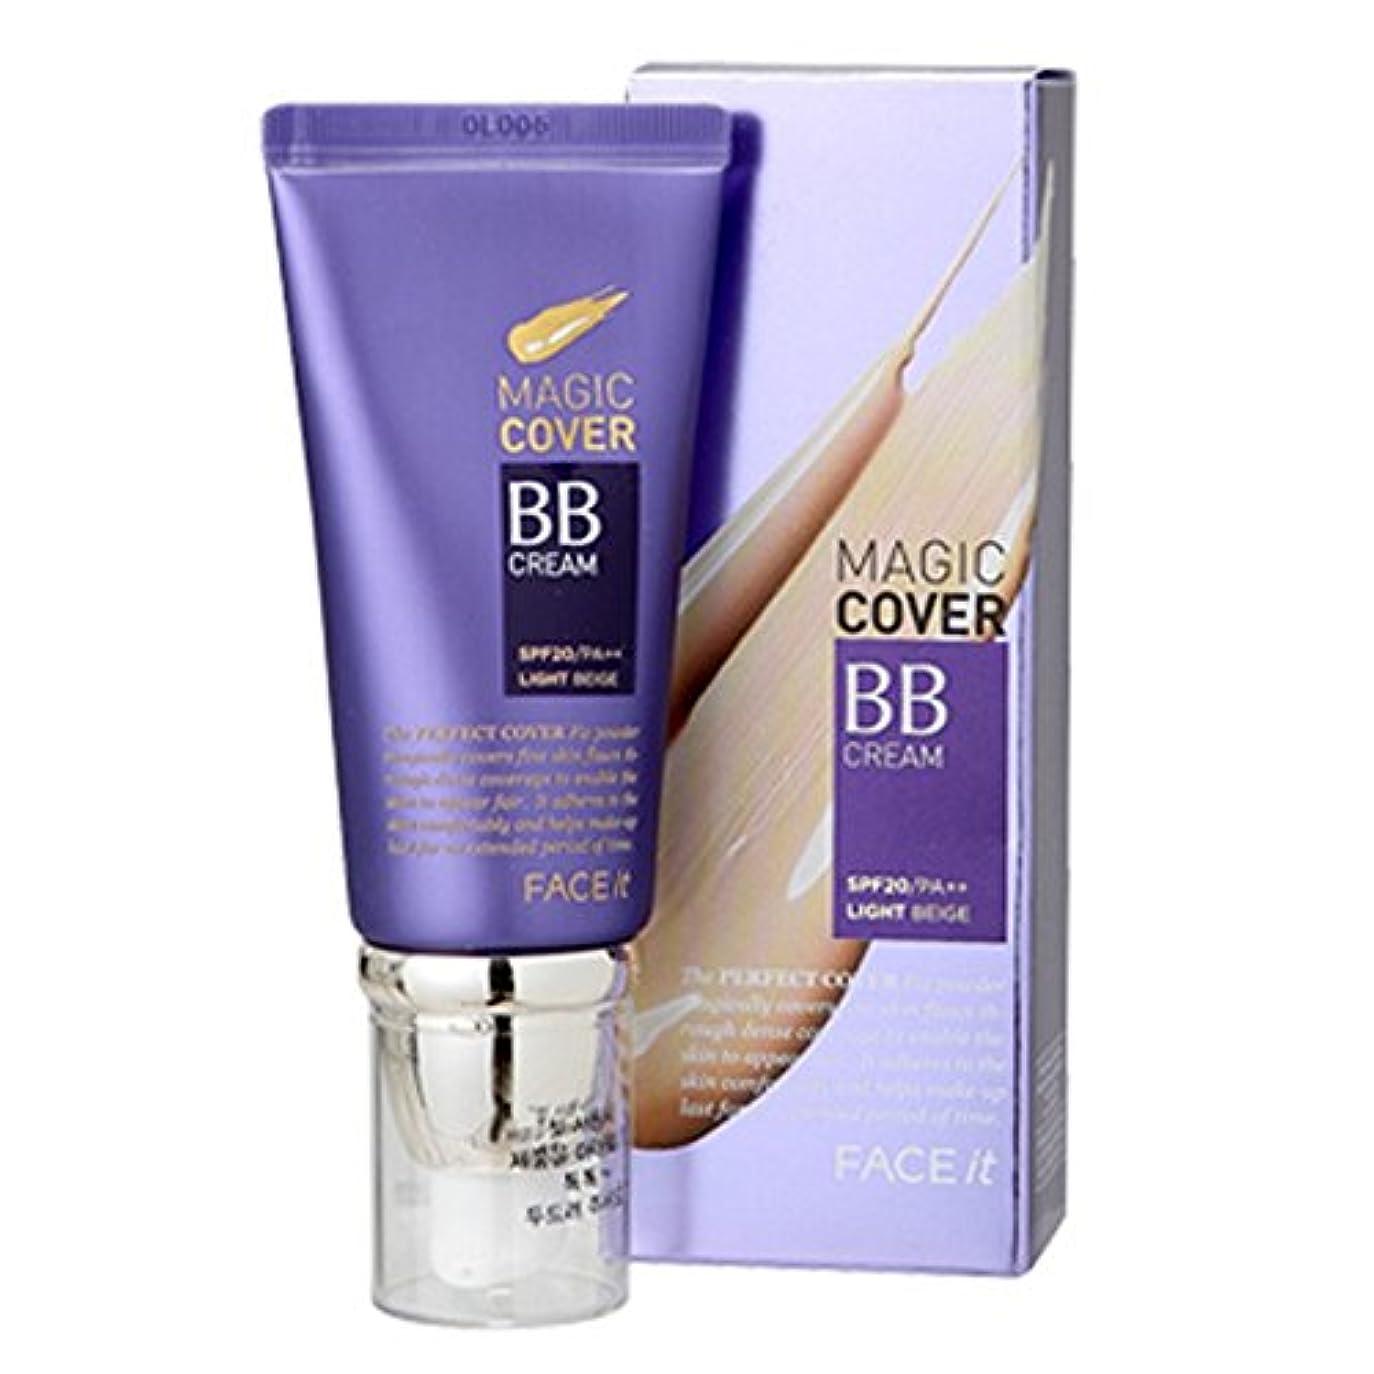 ザフェイスショップ The Face Shop Face It Magic Cover BB Cream 45ml (02 Natural Beige)